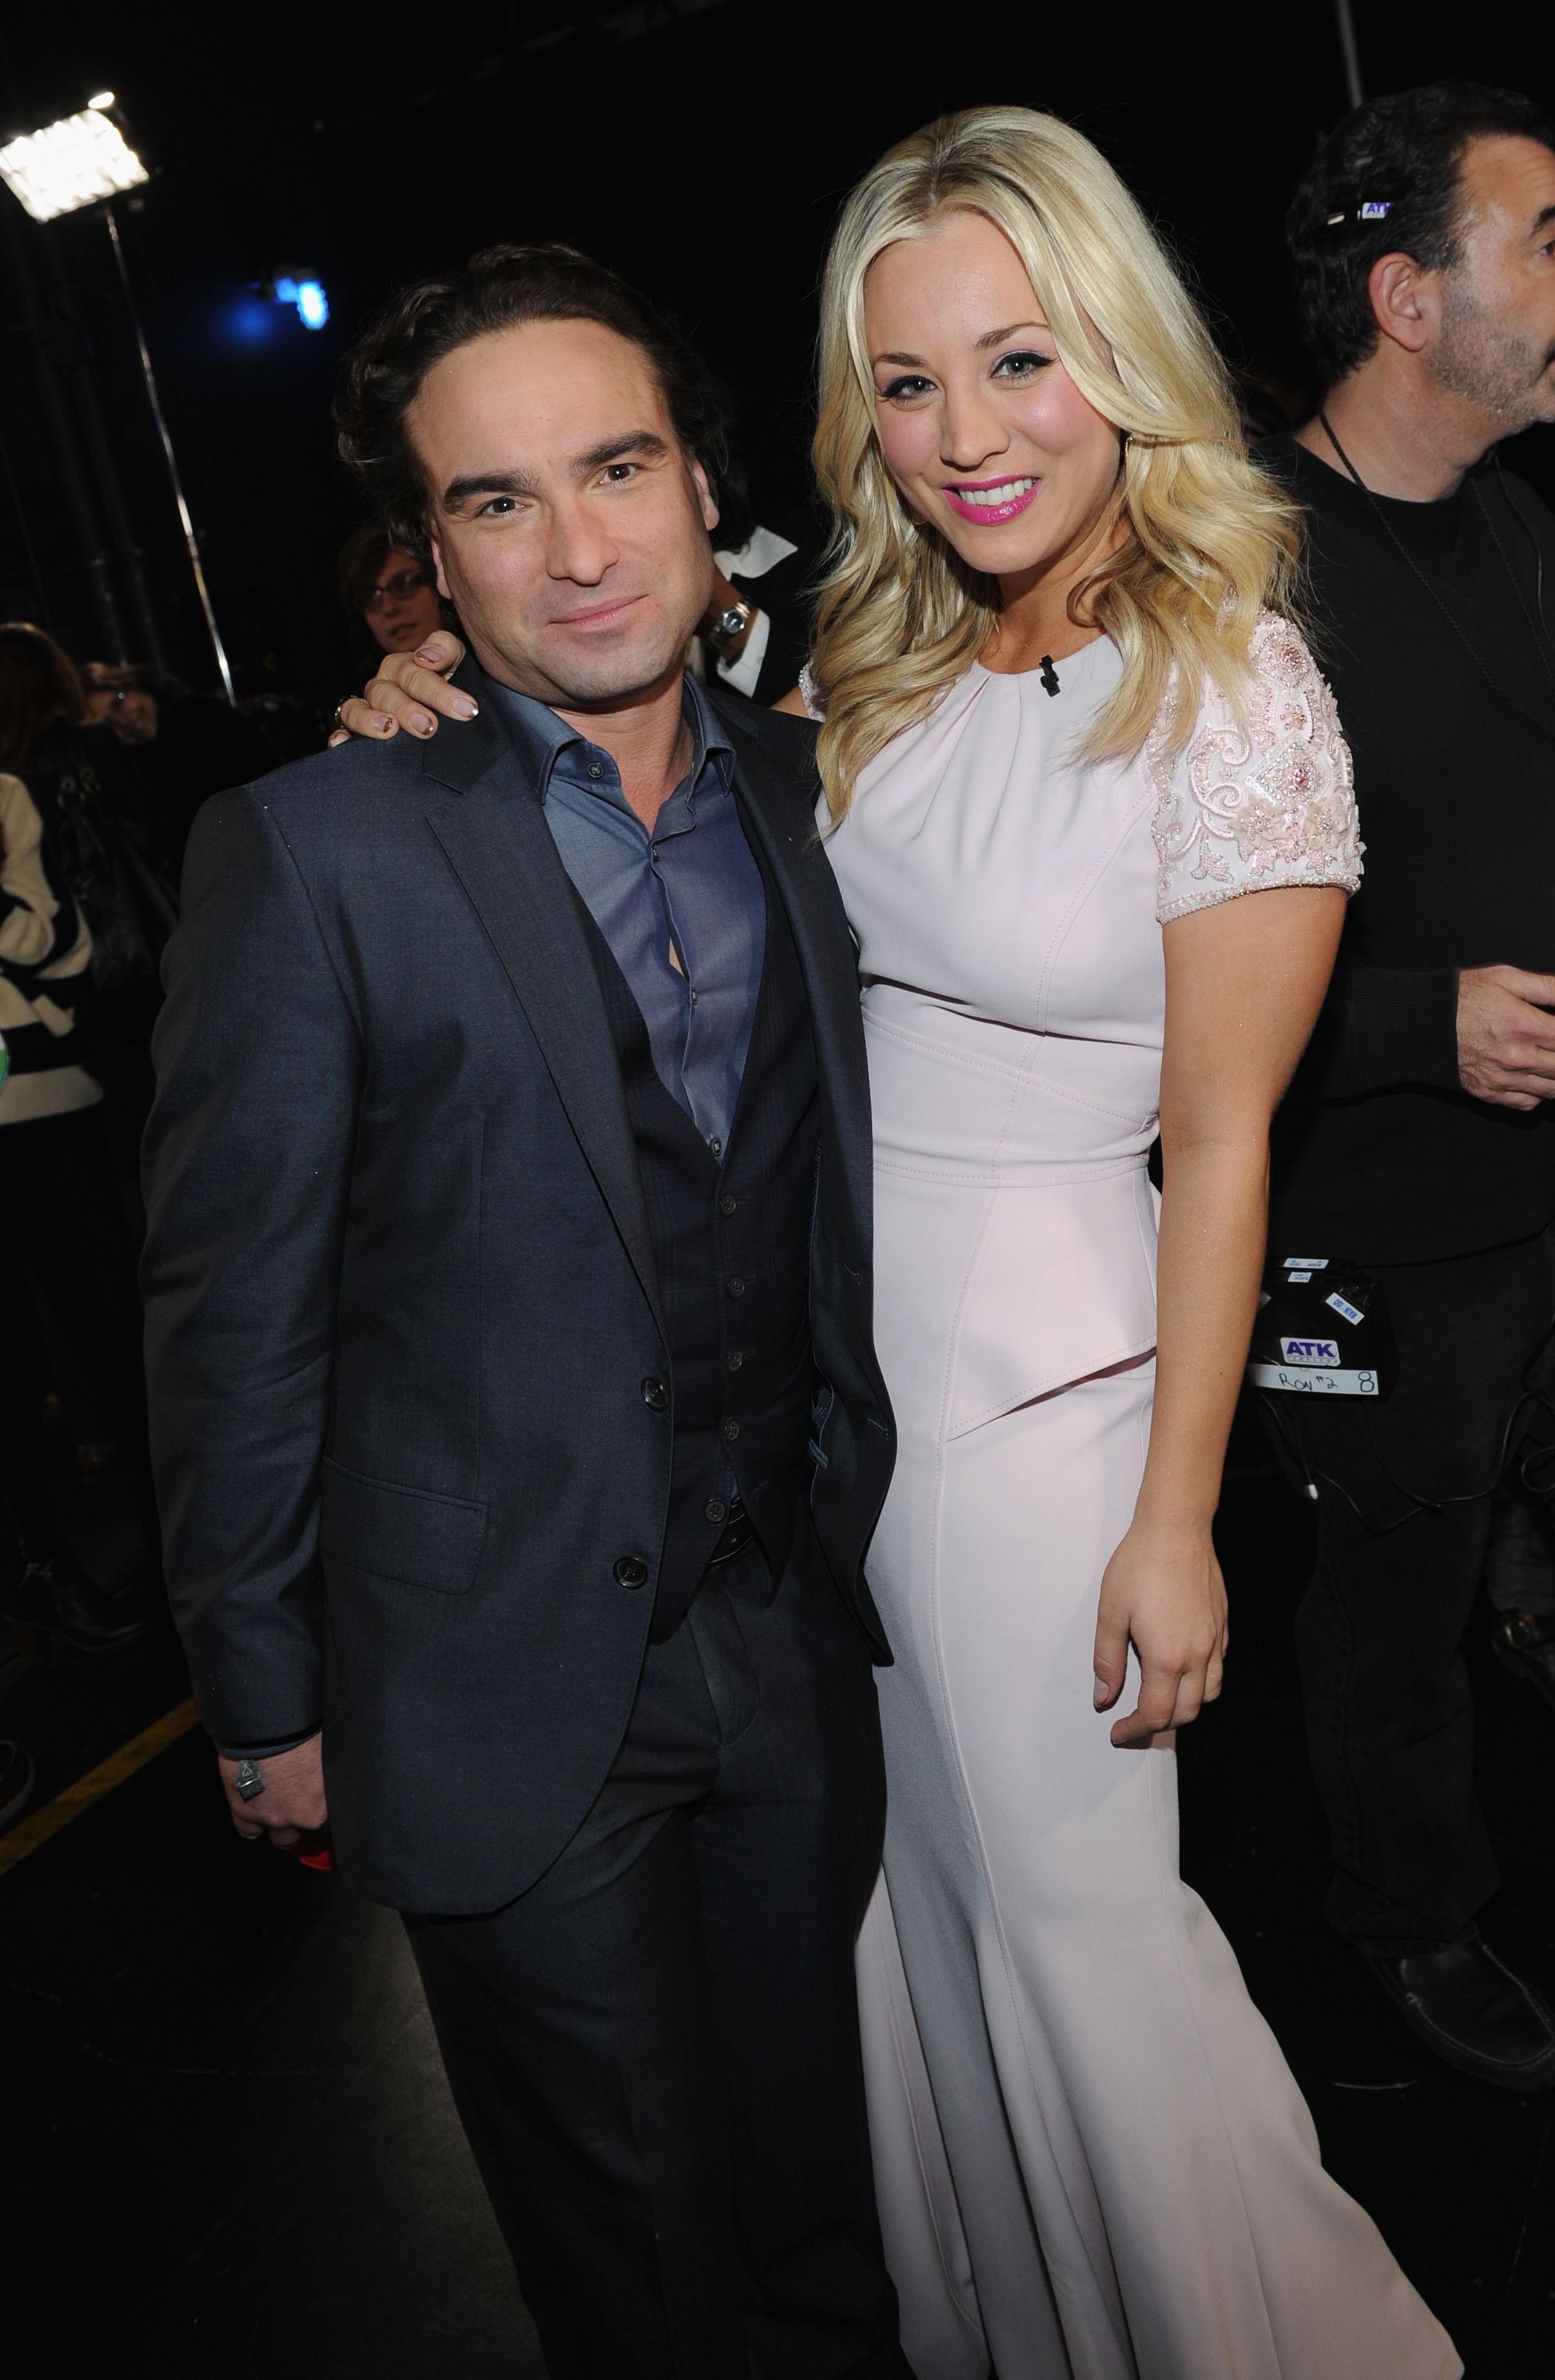 """Quase ninguém sabia que os astros de 'The Big Bang Theory' namoravam até o rompimento – e eles não têm nada a dizer além de boas coisas sobre o outro. Galecki contou ao CBS Watch em 2013: """"Nós ainda somos amigos queridos. Kaley não é apenas uma ex, ela é parte da minha vida"""". Cuoco, por sua vez, comentou sobre a separação: """"A gente sabia que não iríamos ficar juntos. Nós aceitamos e dissemos 'se algum dia terminarmos, que seja de uma maneira profissional'. Tenho sorte que foi um término natural e que não nos odiamos"""". (Foto: Getty Images)"""